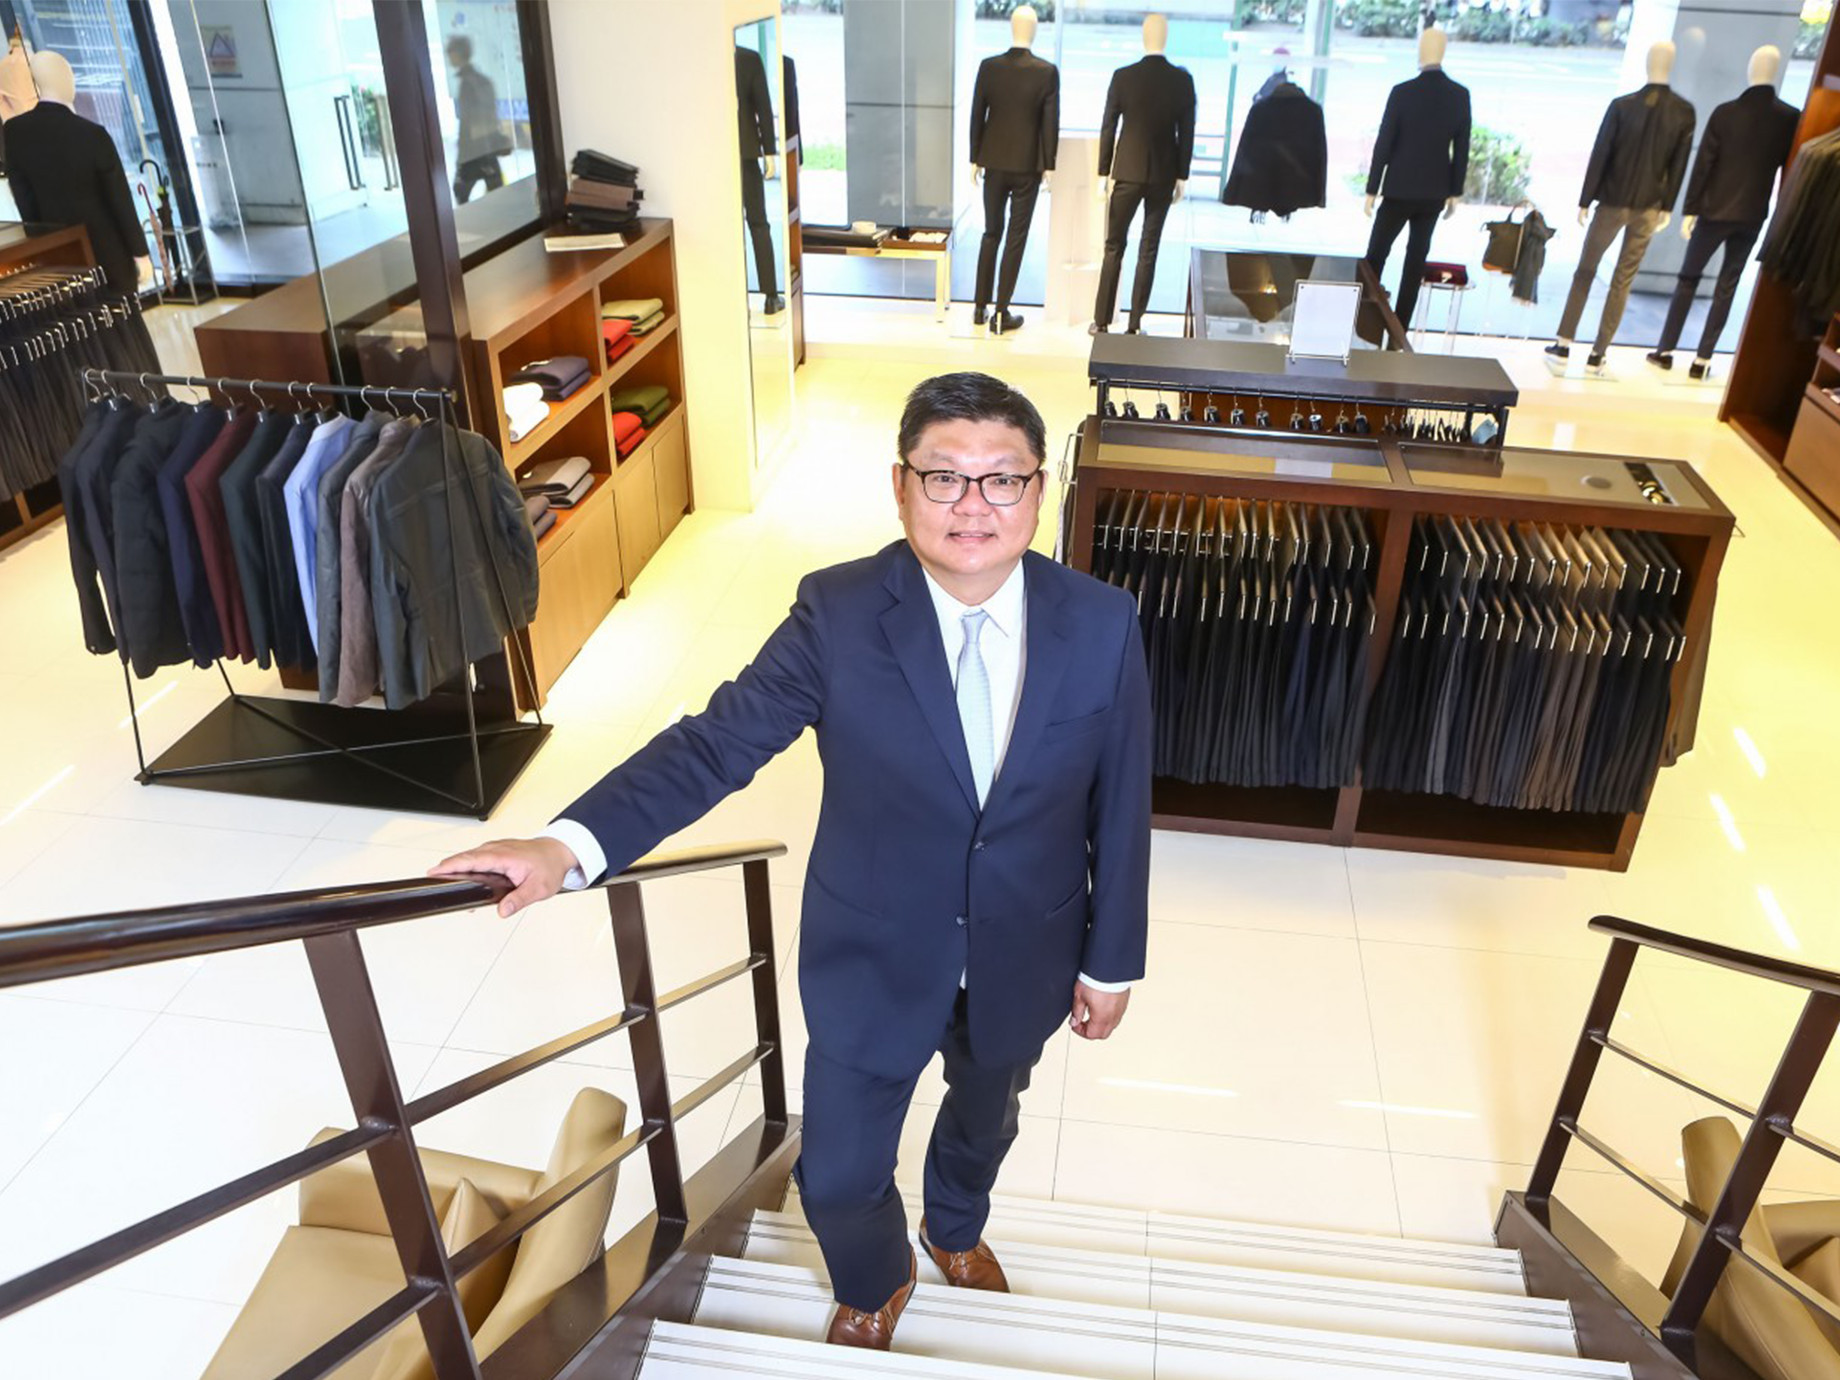 不再是「爸爸時代的西裝」,嘉裕西服如何結合科技創造老品牌第二春?